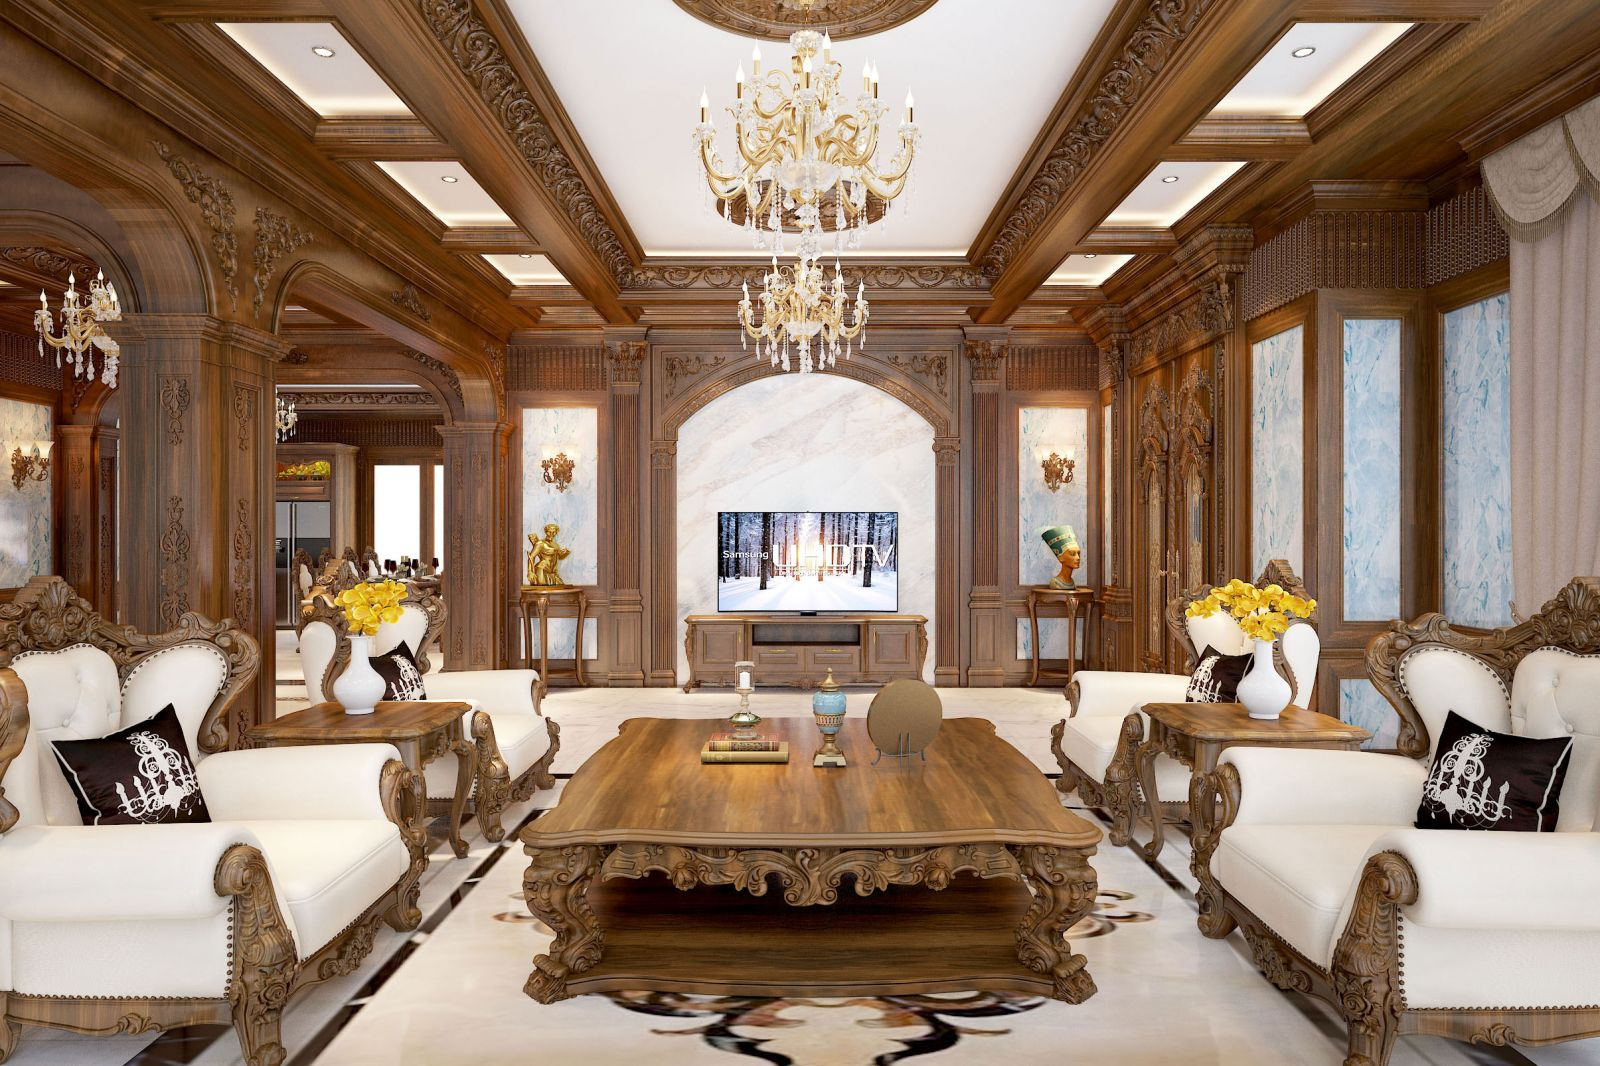 Bộ sofa đẹp với chất lượng gỗ tự nhiên cao cấp cho phòng khách sang trọng